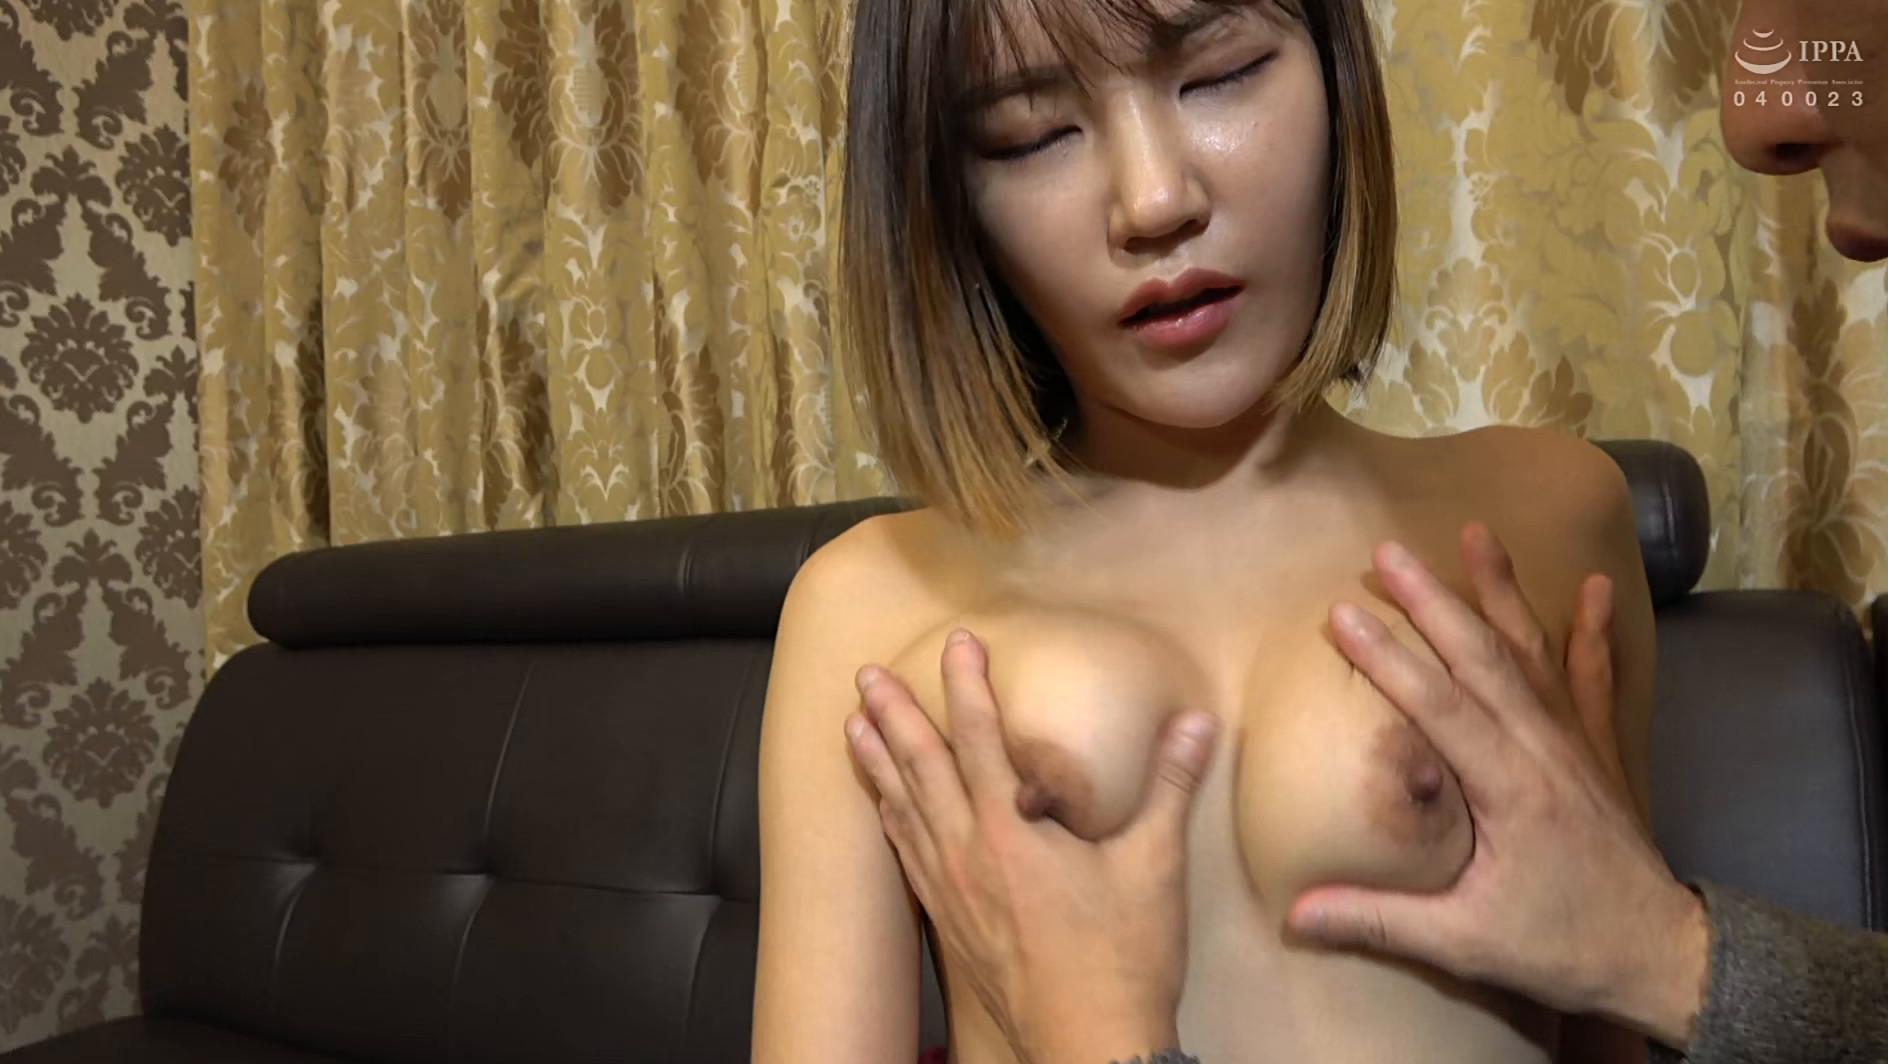 まるで設定6のスロットみたい!韓国で遭遇したヤリマン美女!セックスが好き過ぎて日本人のペニスに興味津々!圧倒的な美脚騎乗位でザー汁を絞り出されてスッキリ! 画像2